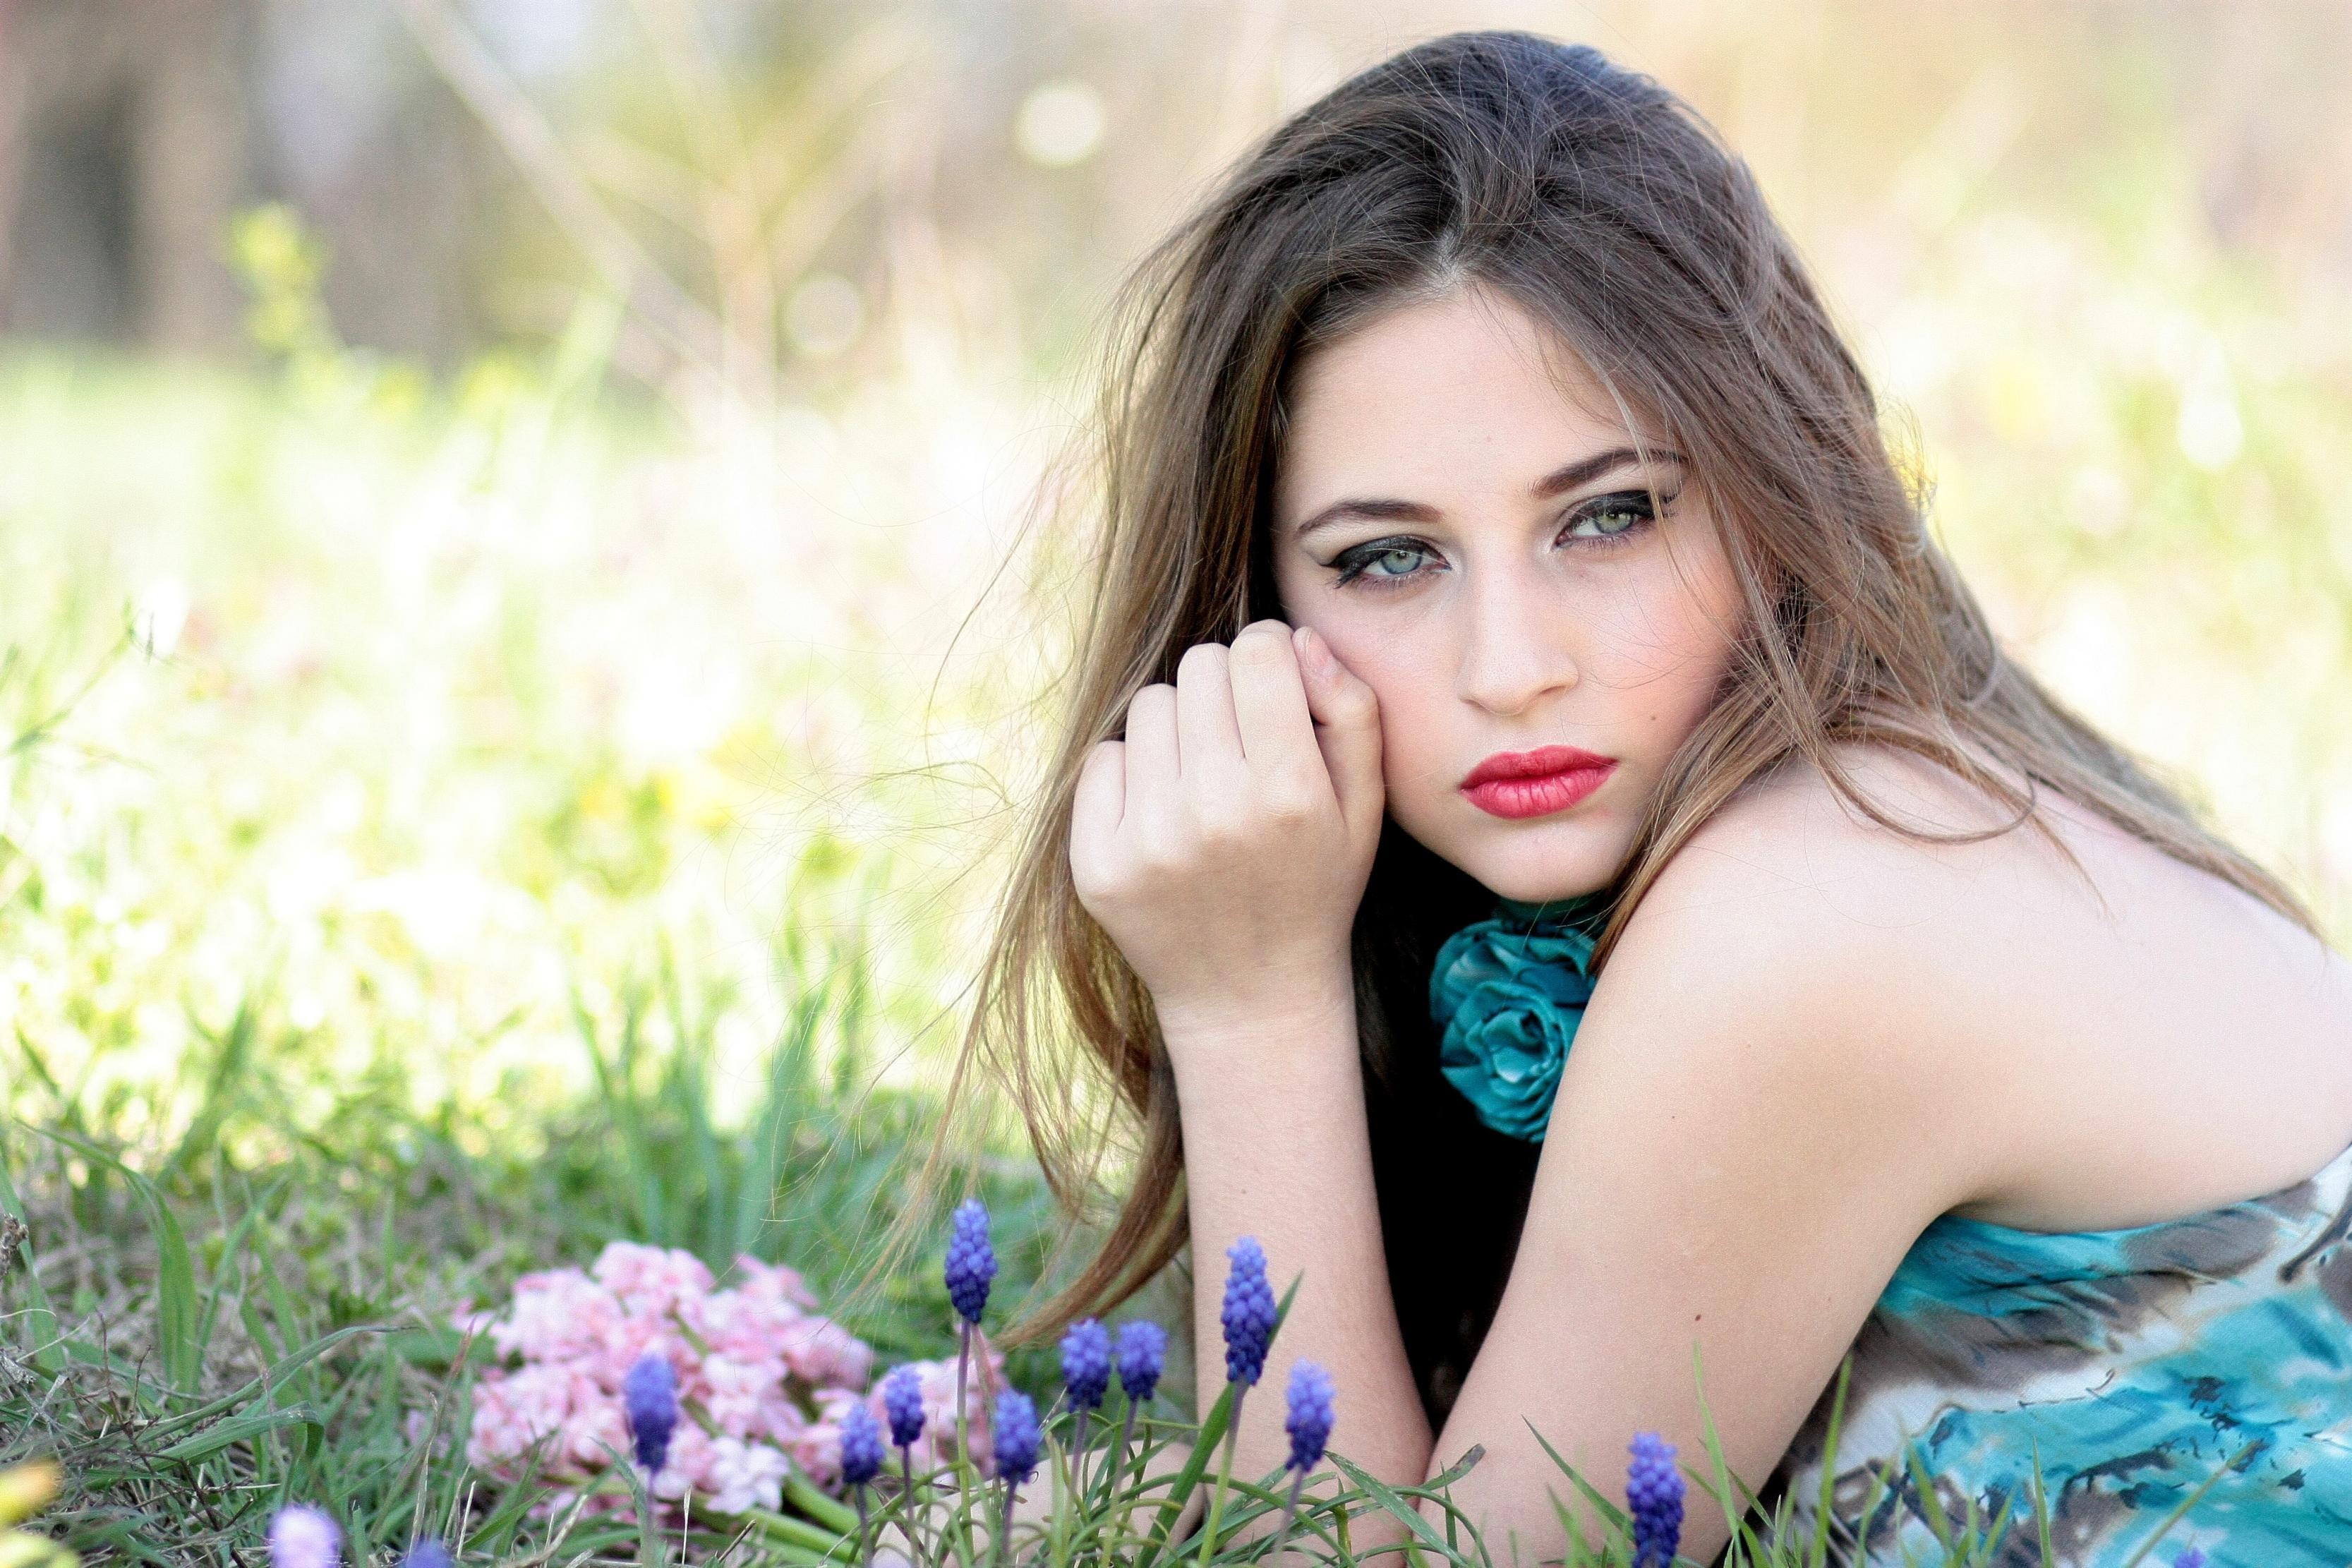 بالصور بنات دلوعات , الدلع مع صور اجمل البنات